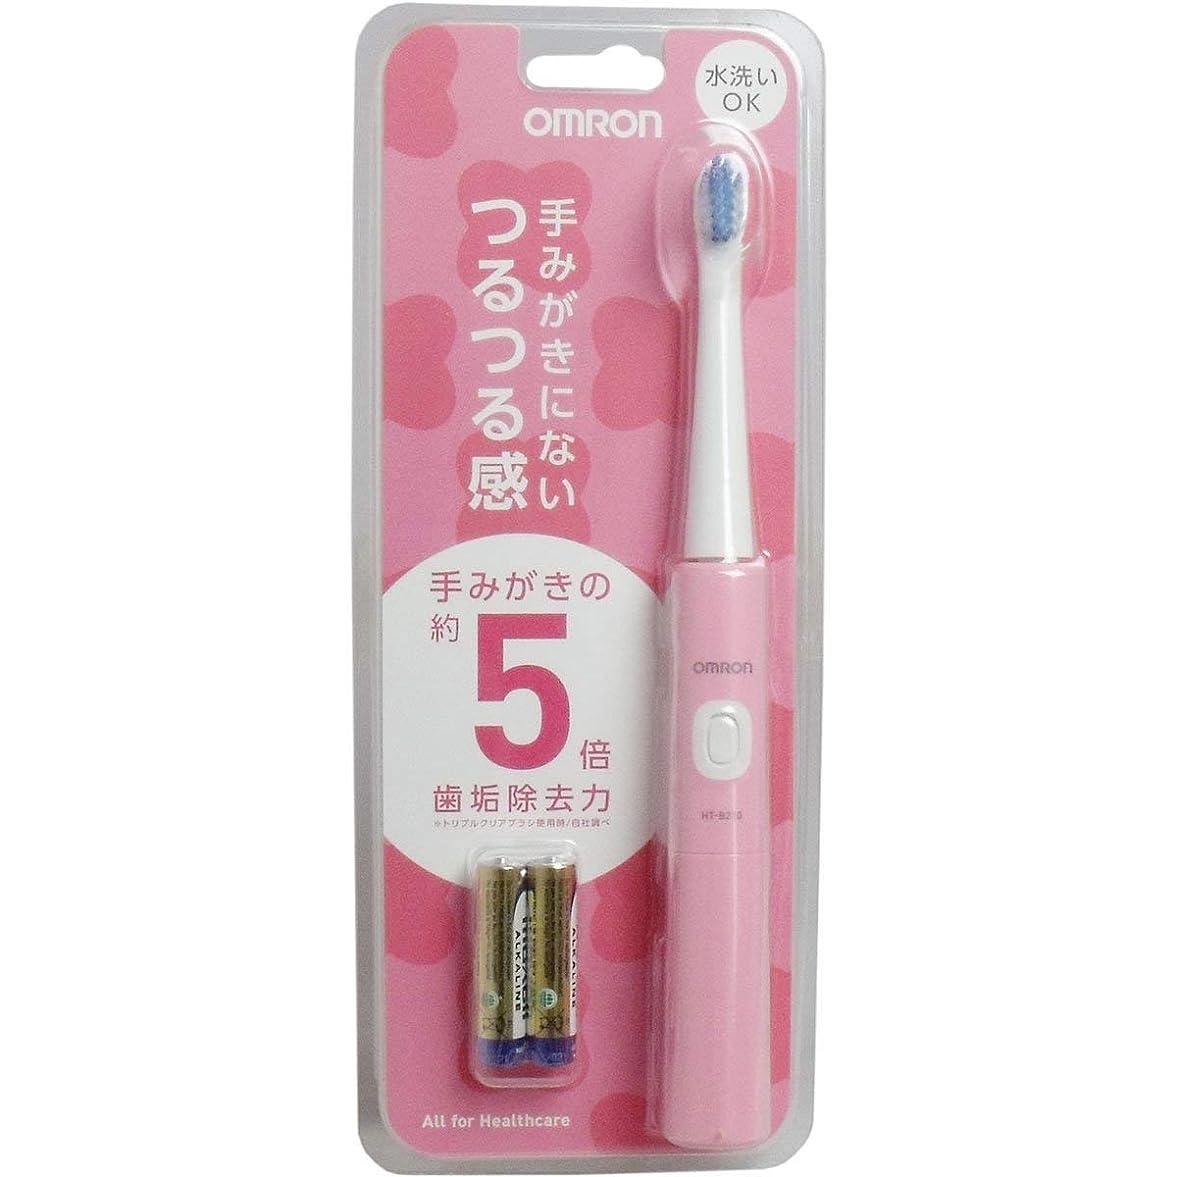 実施する構成サスペンドオムロンヘルスケア 音波式電動歯ブラシ ピンク HT-B210-PK